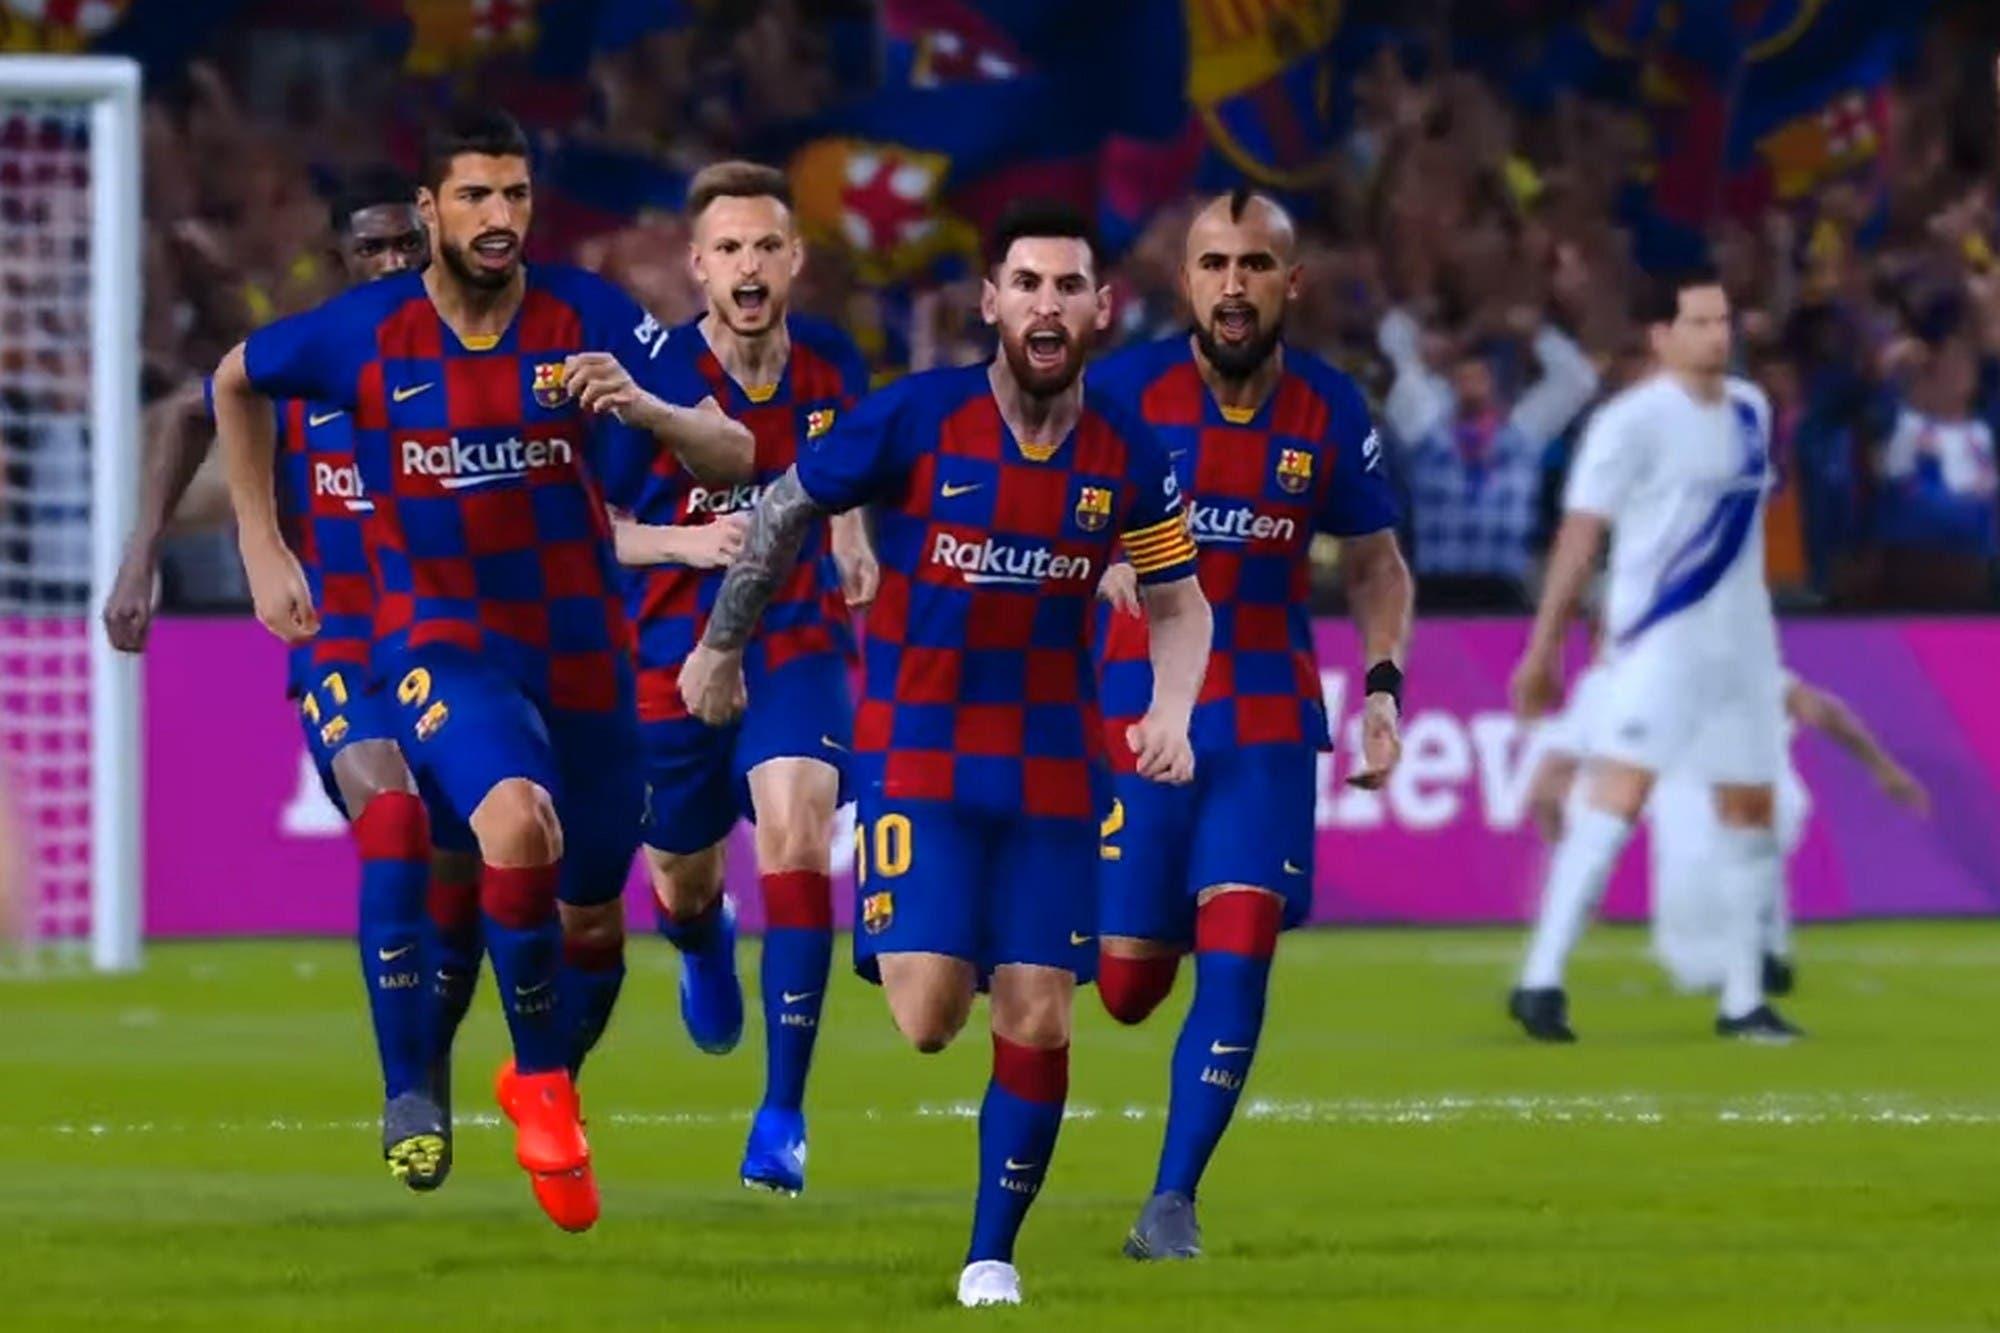 PES 2020: Konami lanzó en la Argentina la nueva versión con Messi, Boca, River y la Superliga